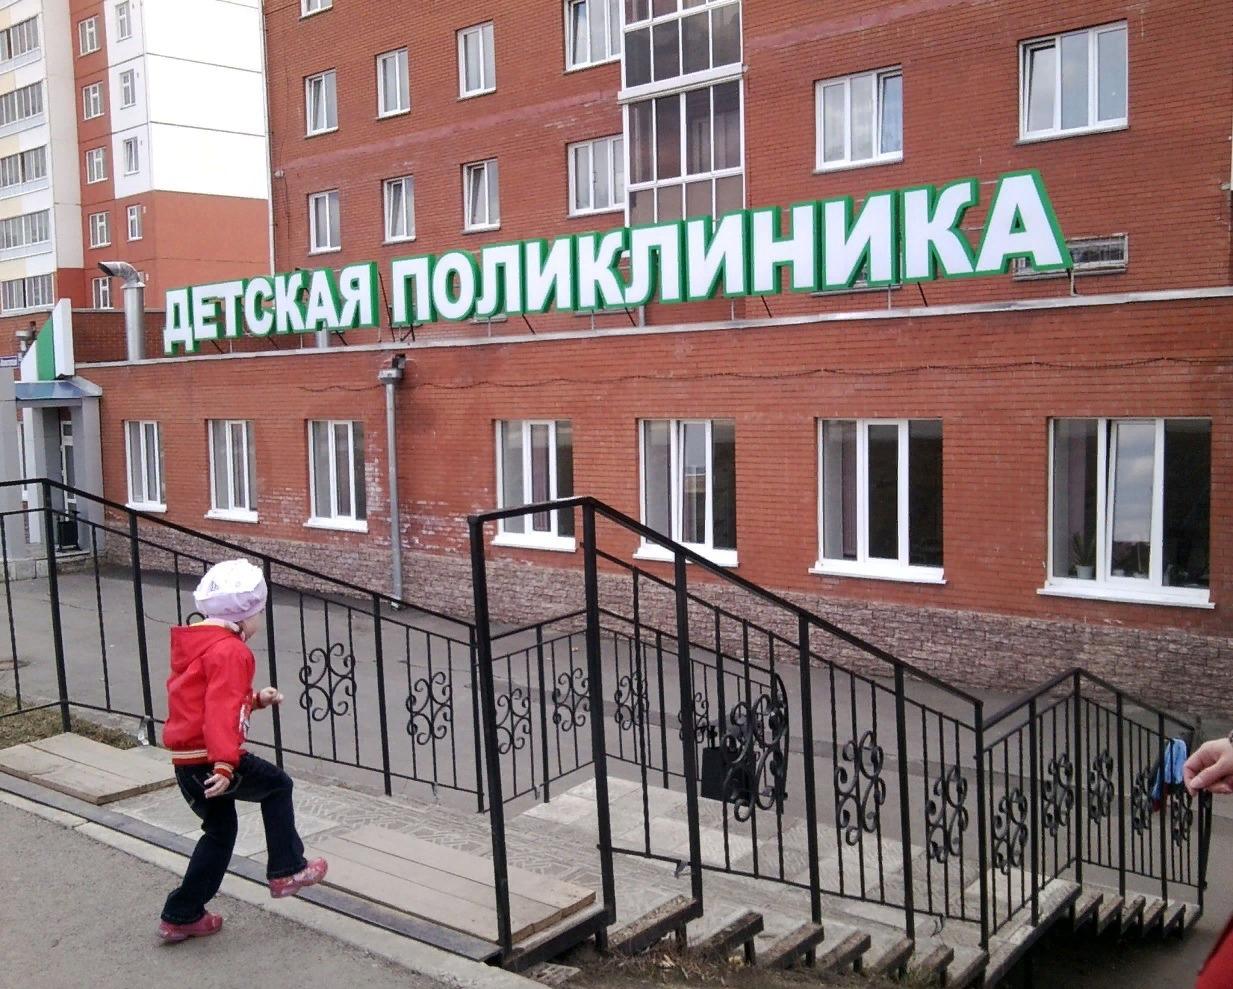 Дагестан получит 300 млн рублей на развитие детских поликлиник